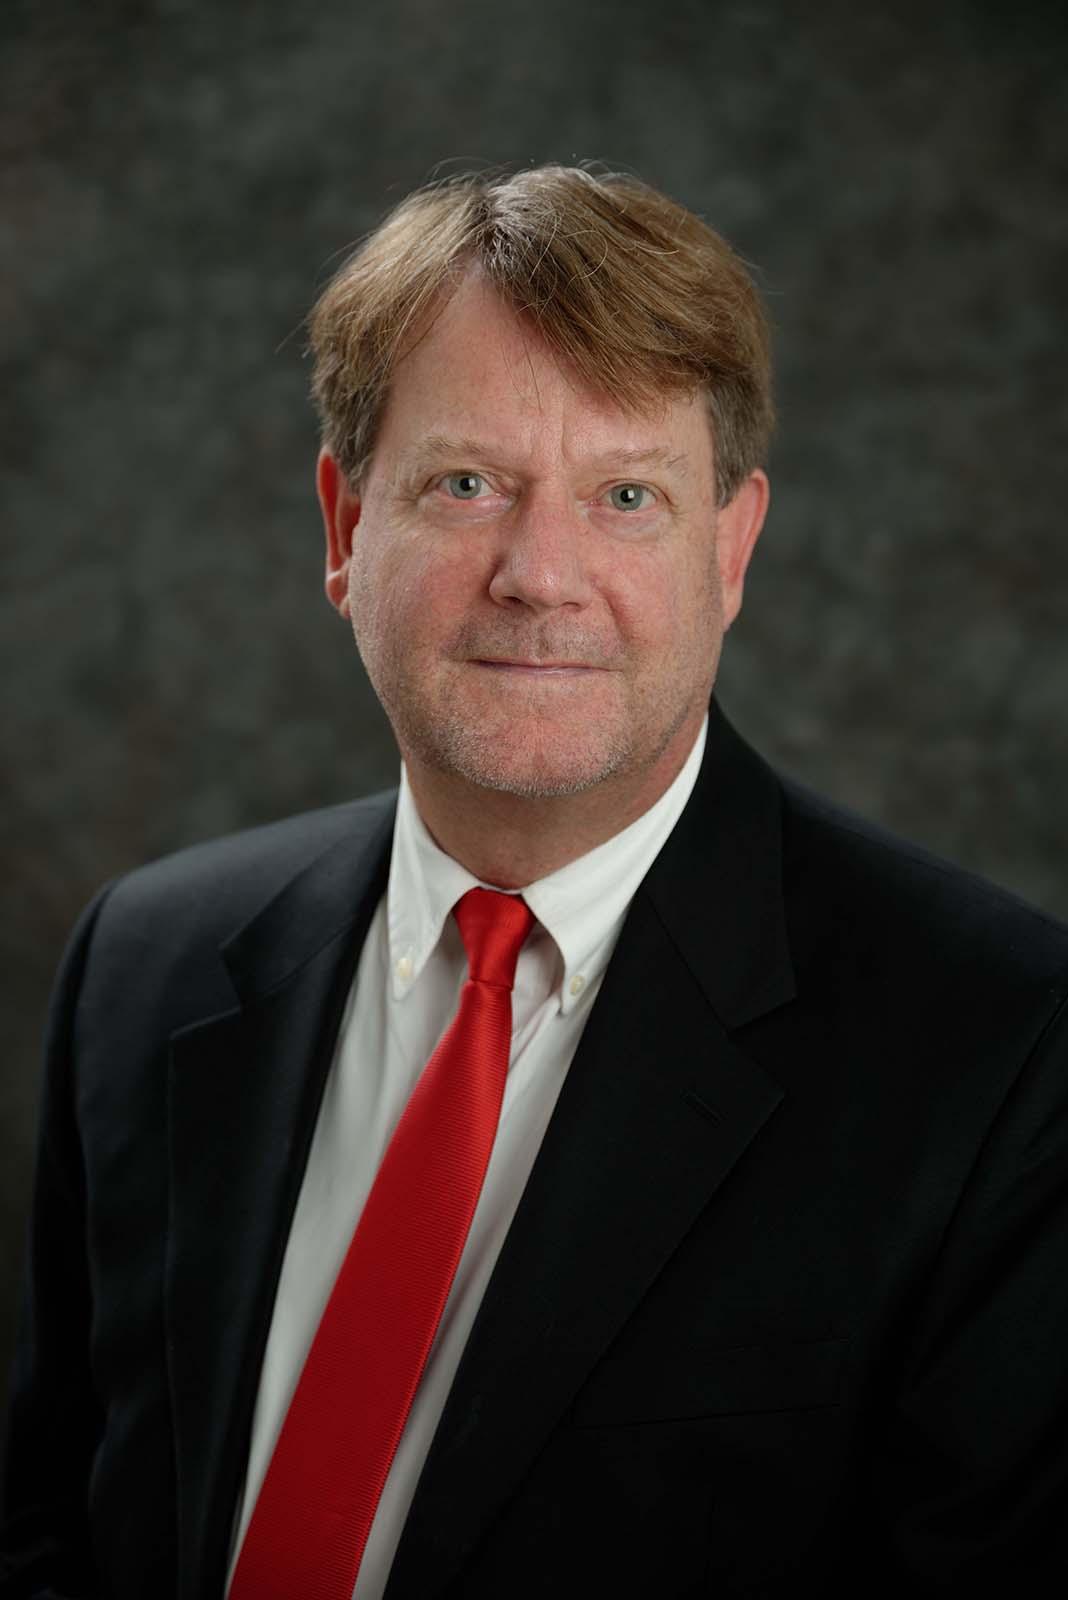 John Weaver